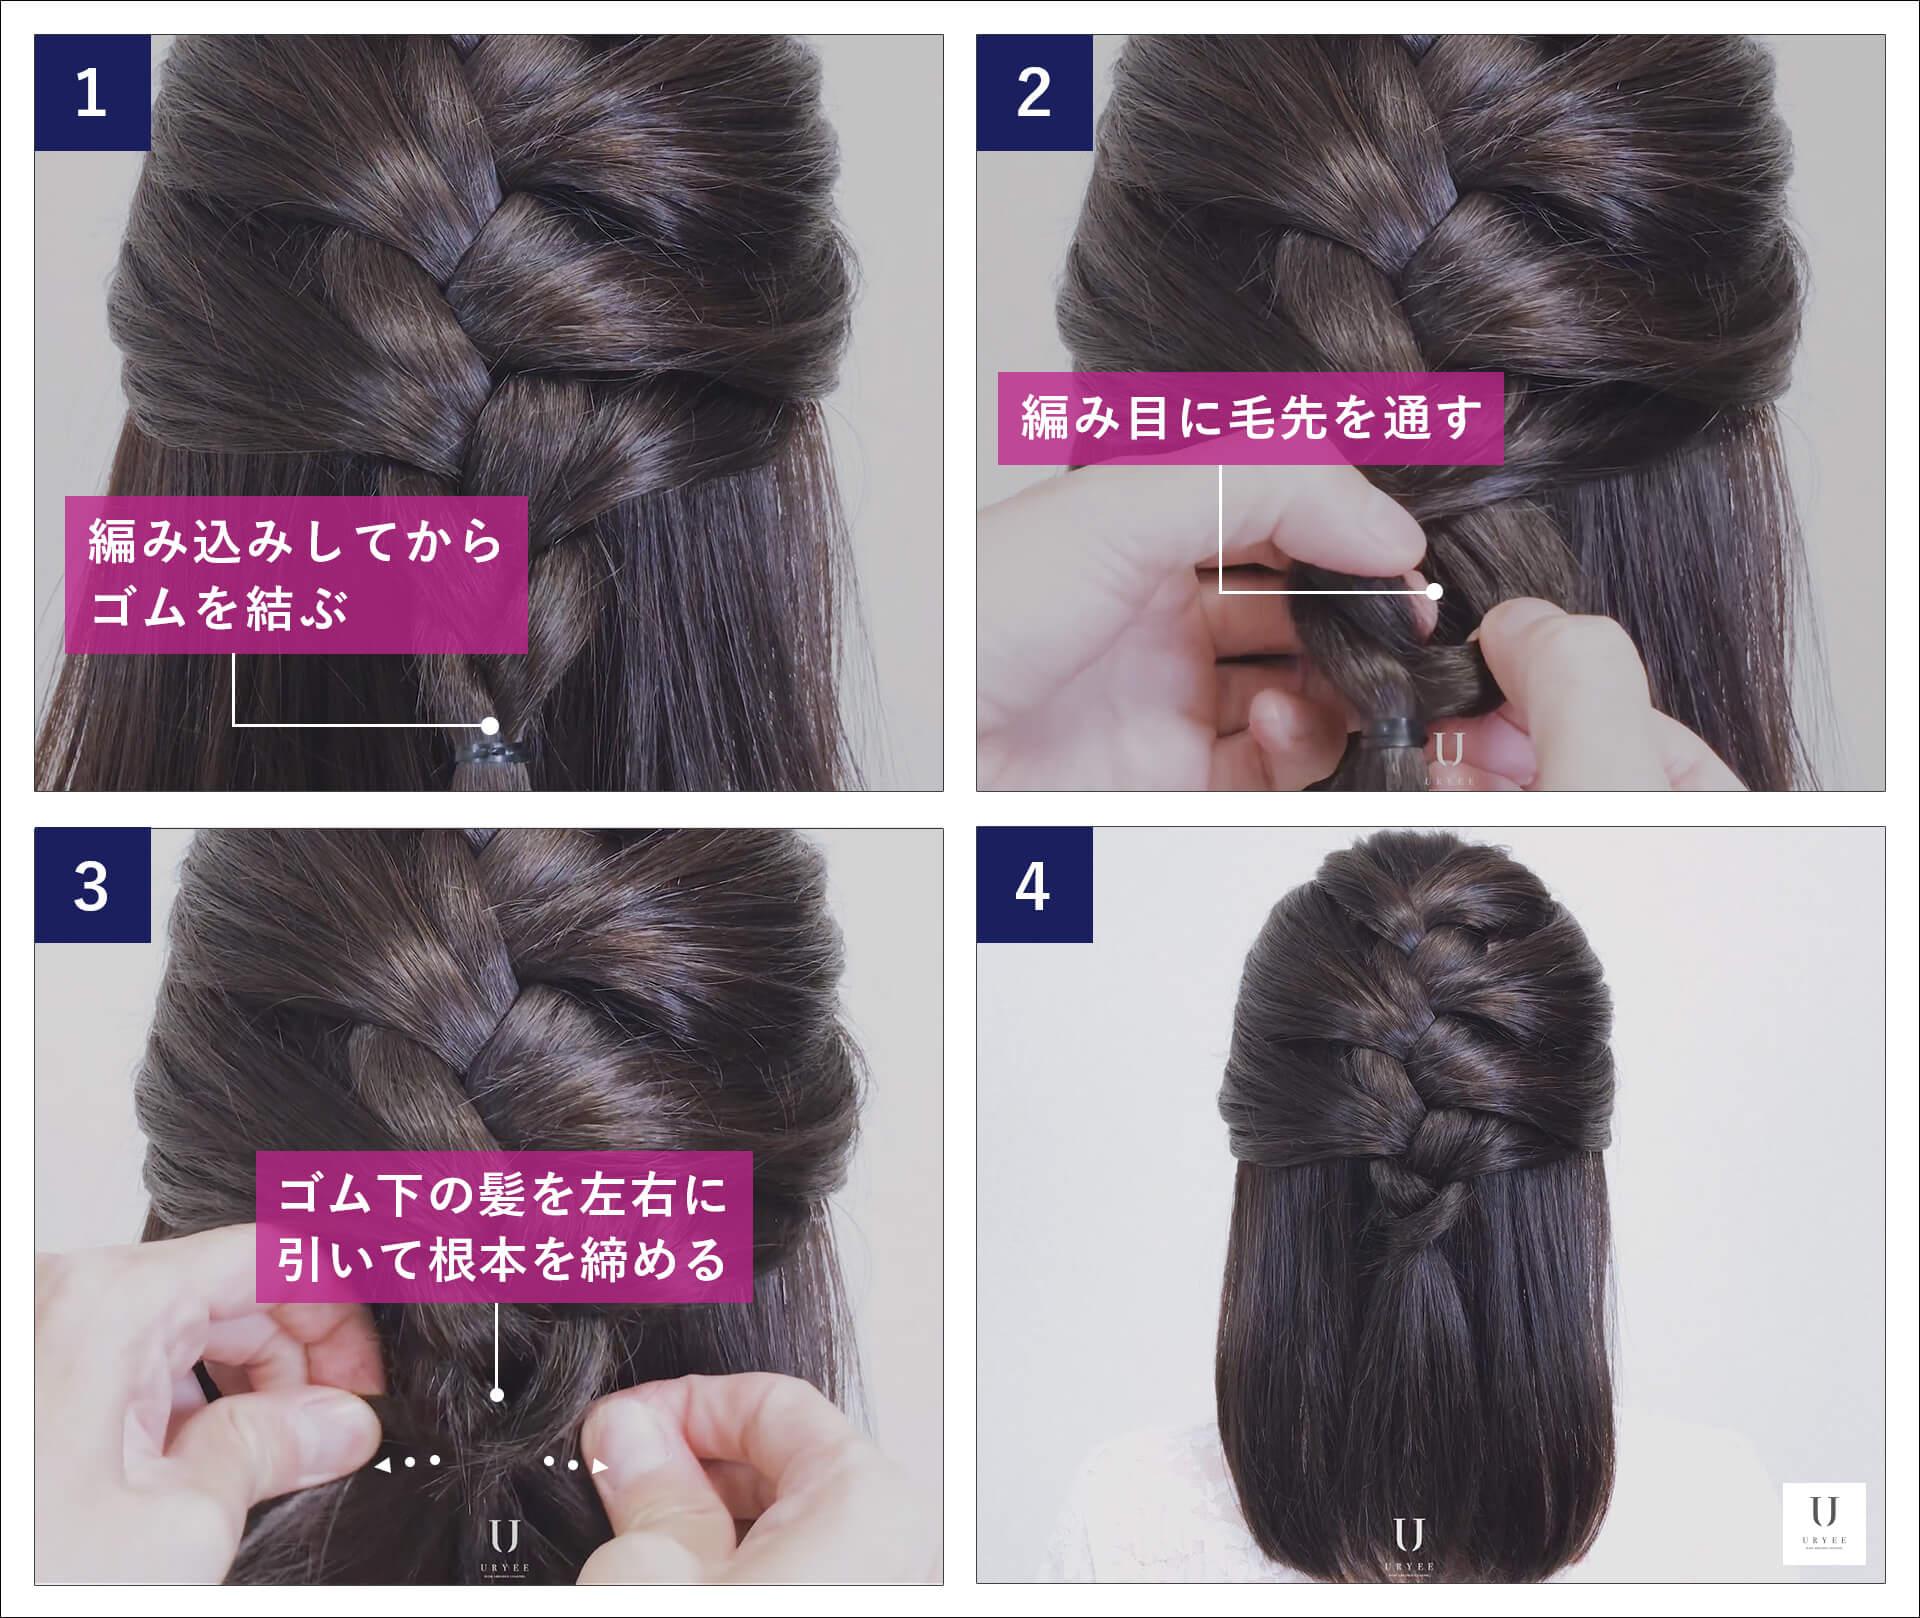 ゴム隠しも簡単にできる黒髪 編み込みヘアアレンジ